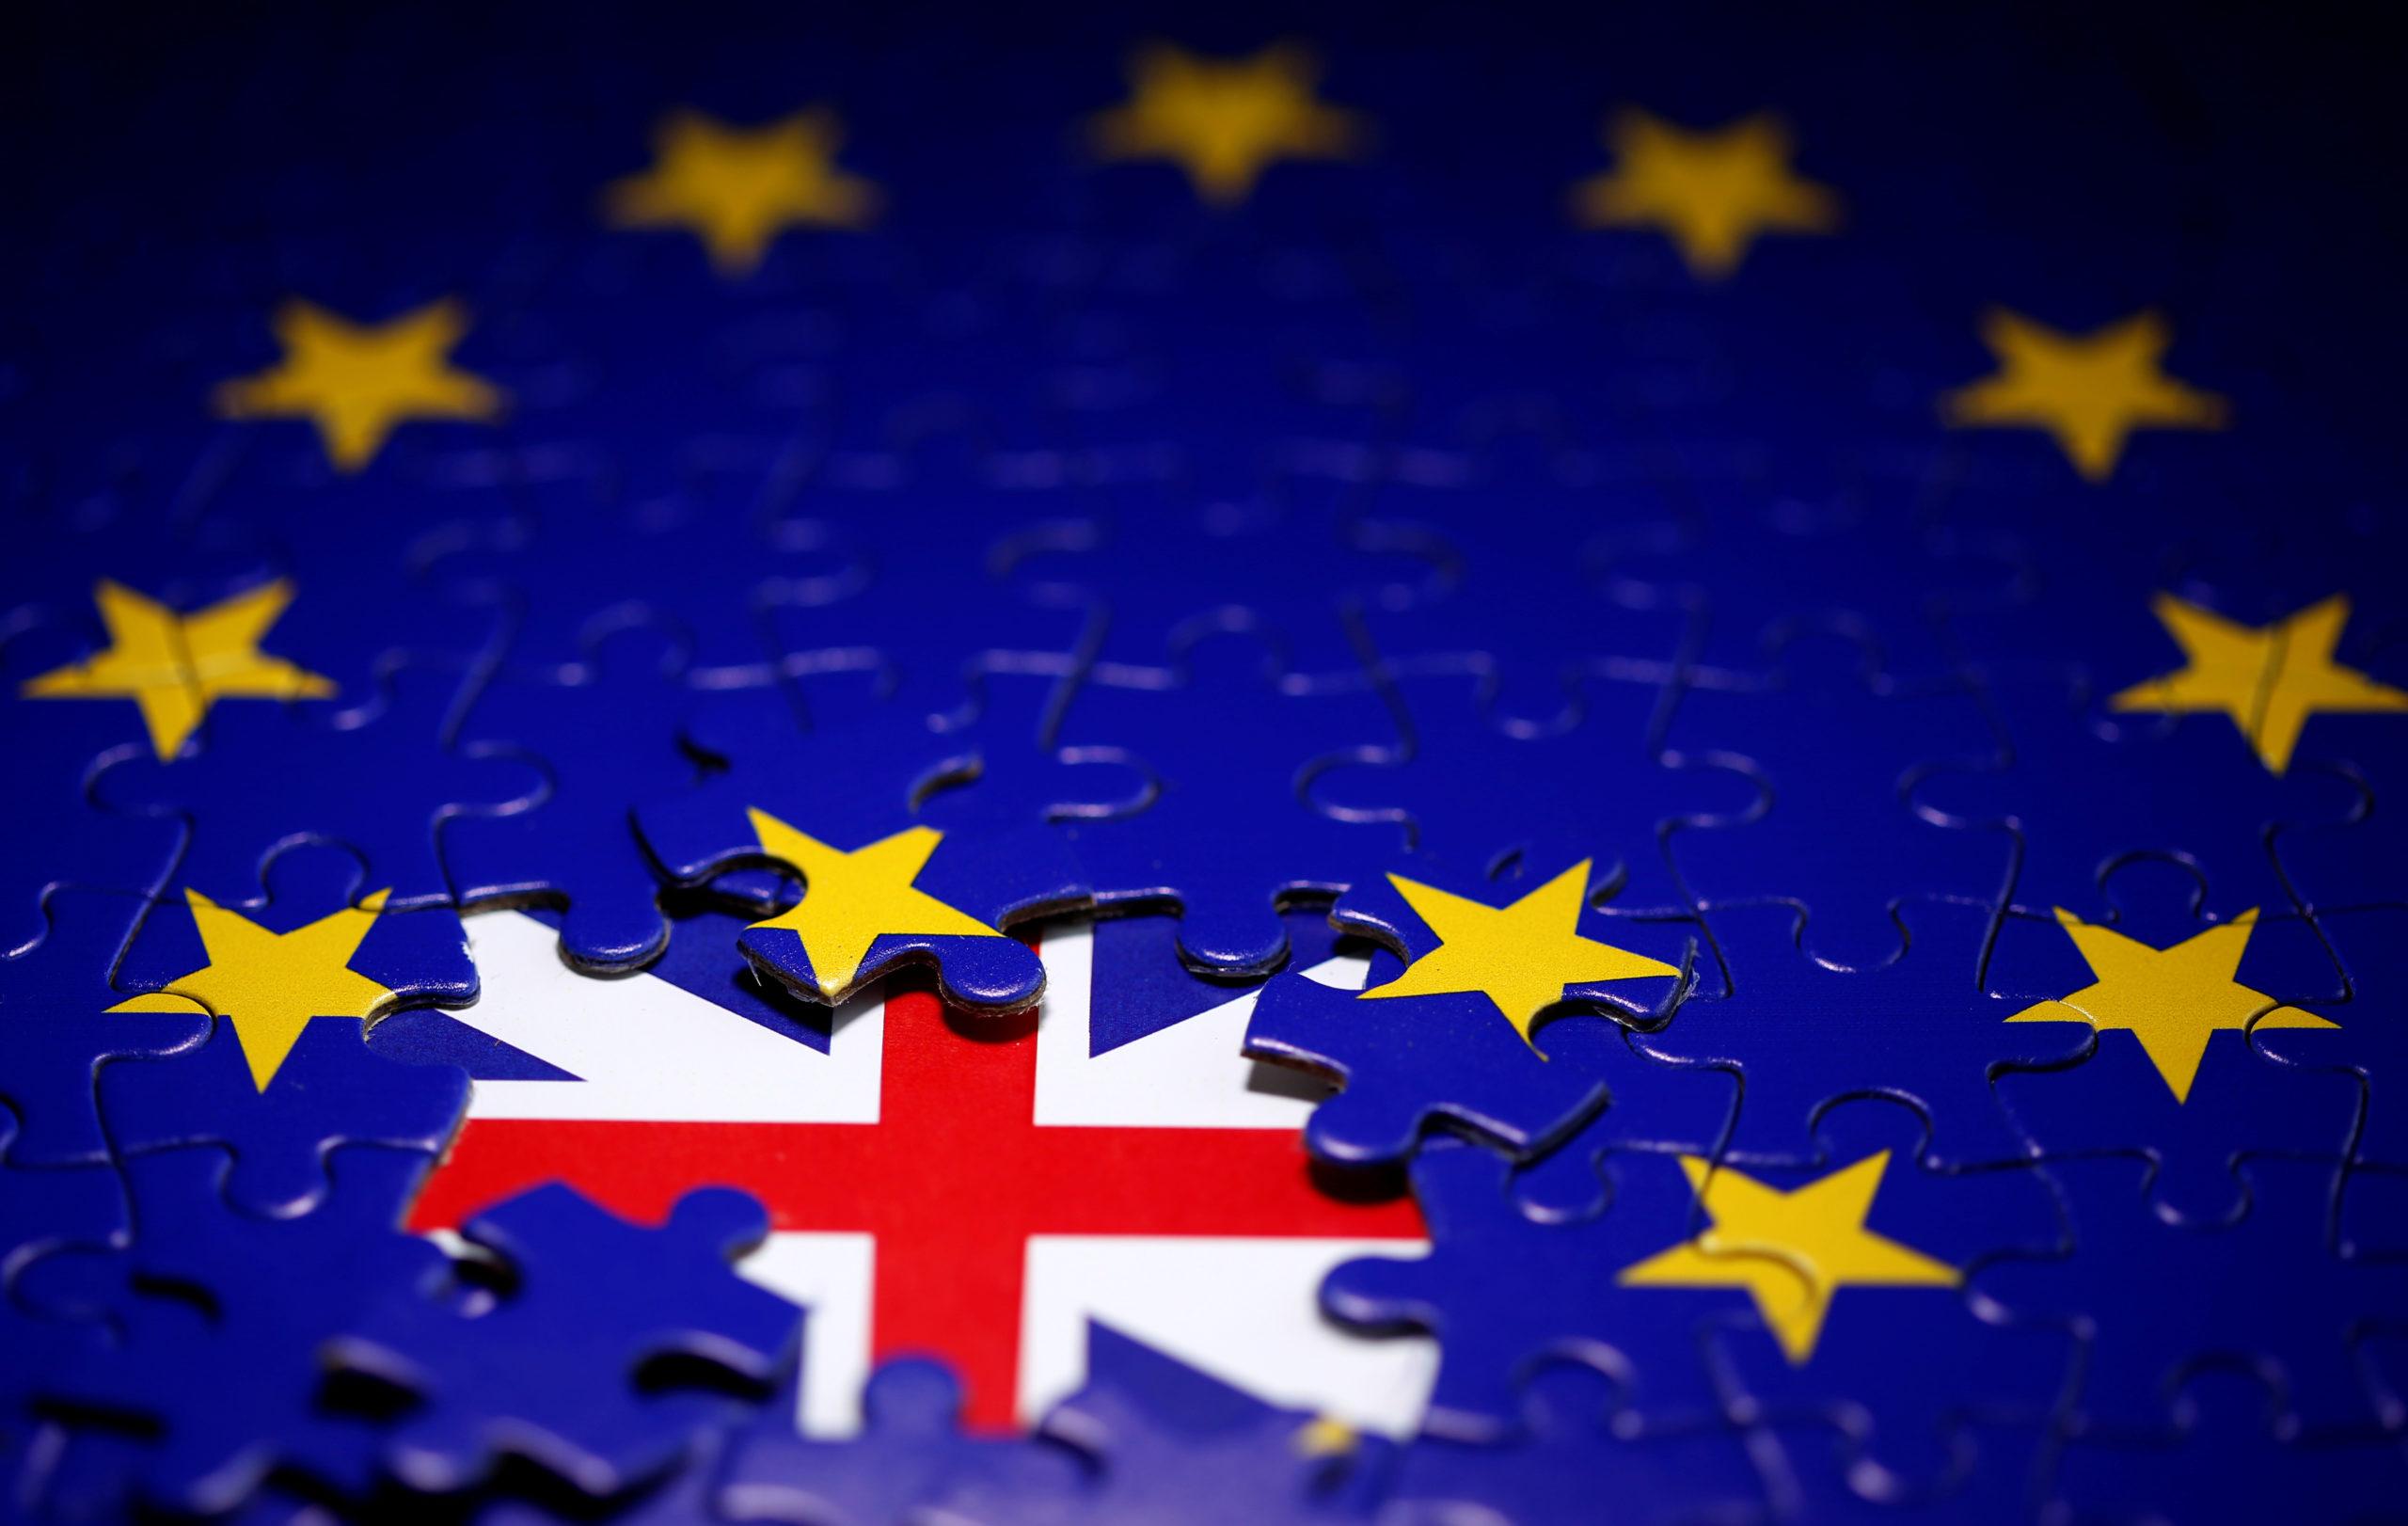 La Grande-Bretagne menace d'expulser les citoyens de l'Union européenne qui n'auront pas demandé à temps le nouveau statut d'immigré qui sera mis en place après le Brexit et elle n'accordera de dérogations qu'à titre exceptionnel, selon des sources informées de ces projets. /Photo prise le 13 novembre 2019/REUTERS/Dado Ruvic